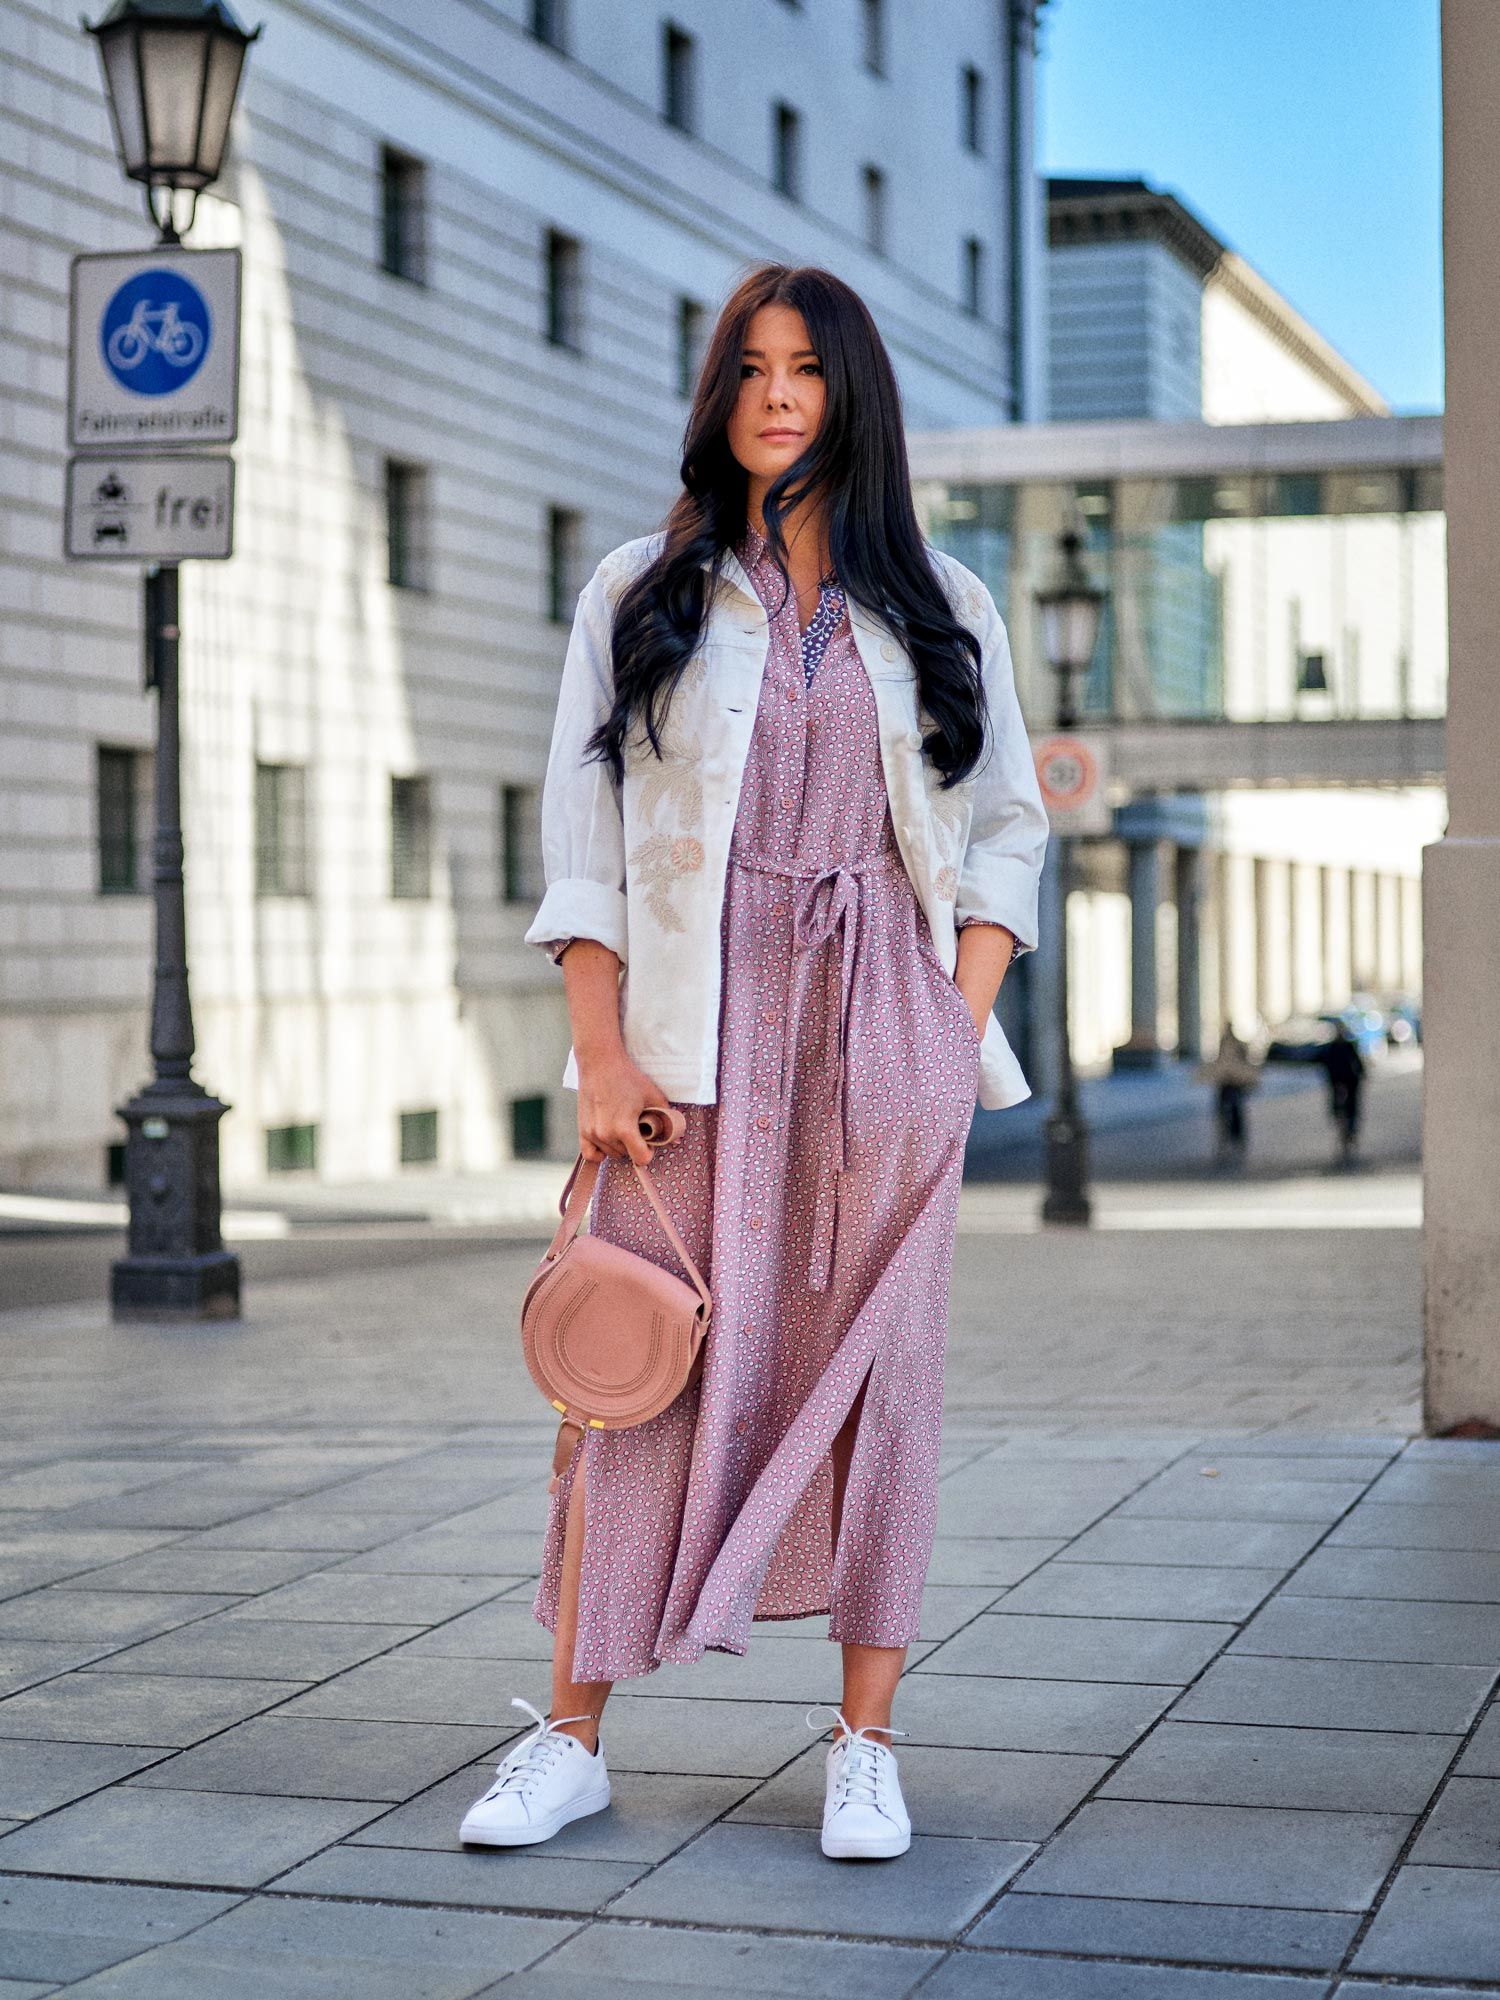 fashion-blogger-aus-muenchen-fashionblogger-lifestyleblogger-beautyblogger-fashion-blogger-modeblogger-modeblog-munich-blog-muenchen-weisse-jeansjacke-trend-so-stylt-man-sie-richtig